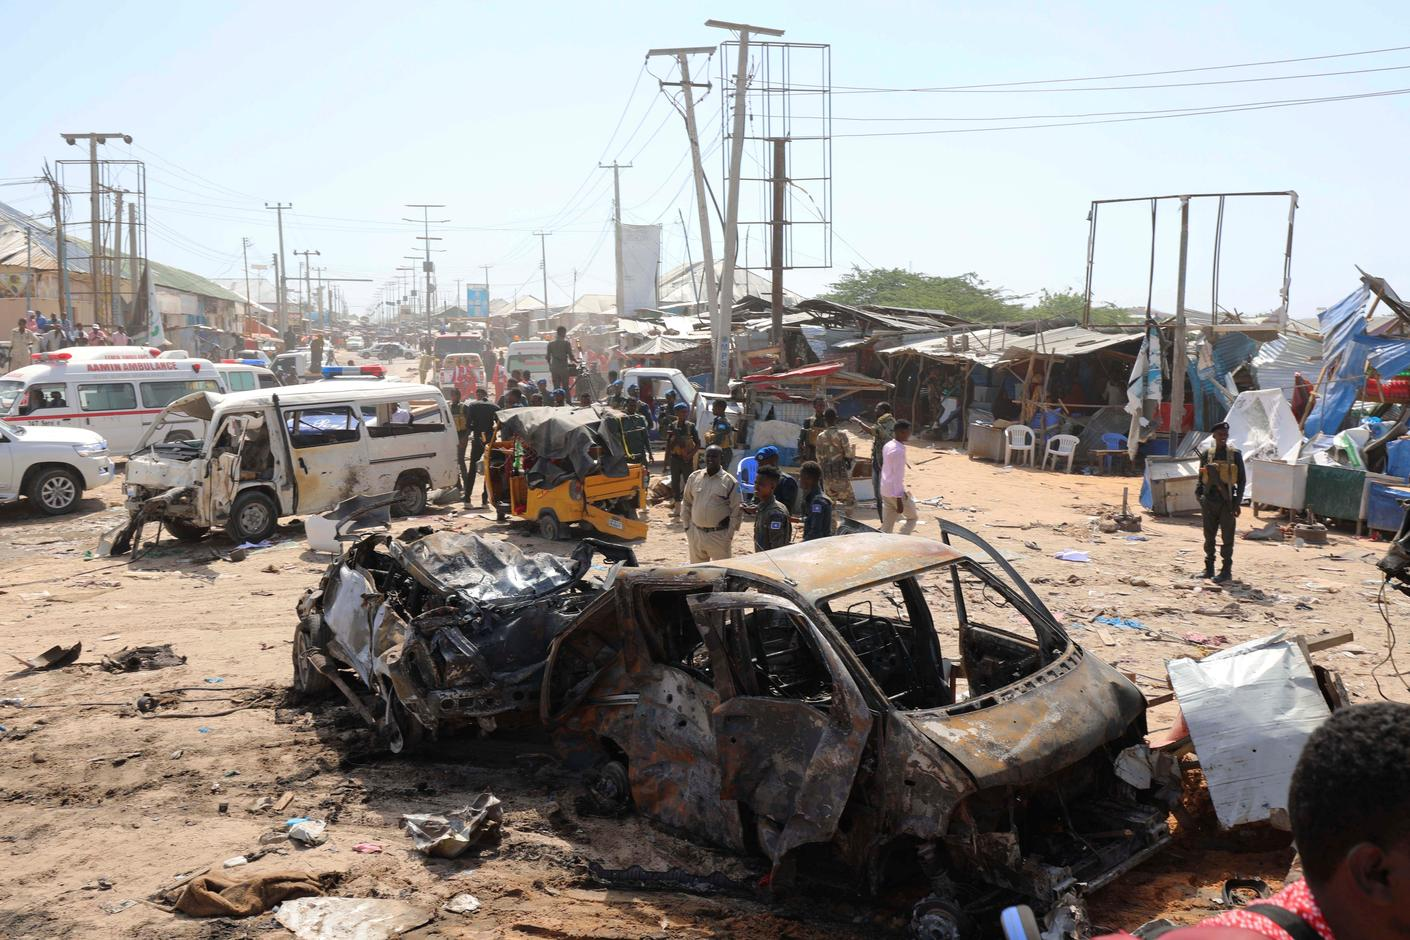 Truck bomb kills at least 90 in Mogadishu: international organization